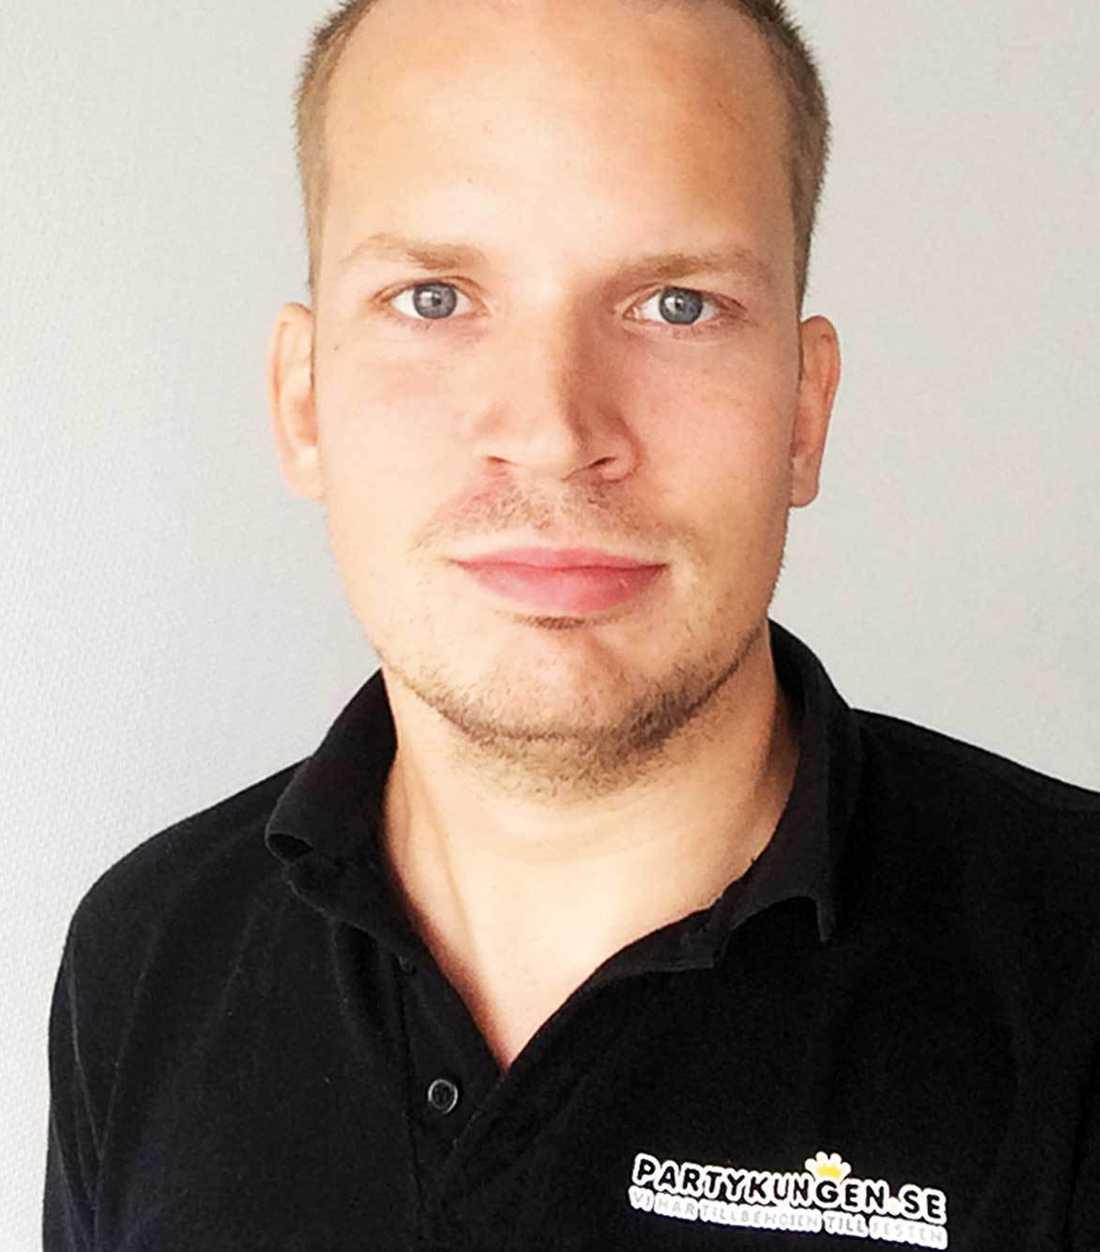 Joel Svensson är VD på Partykungen.